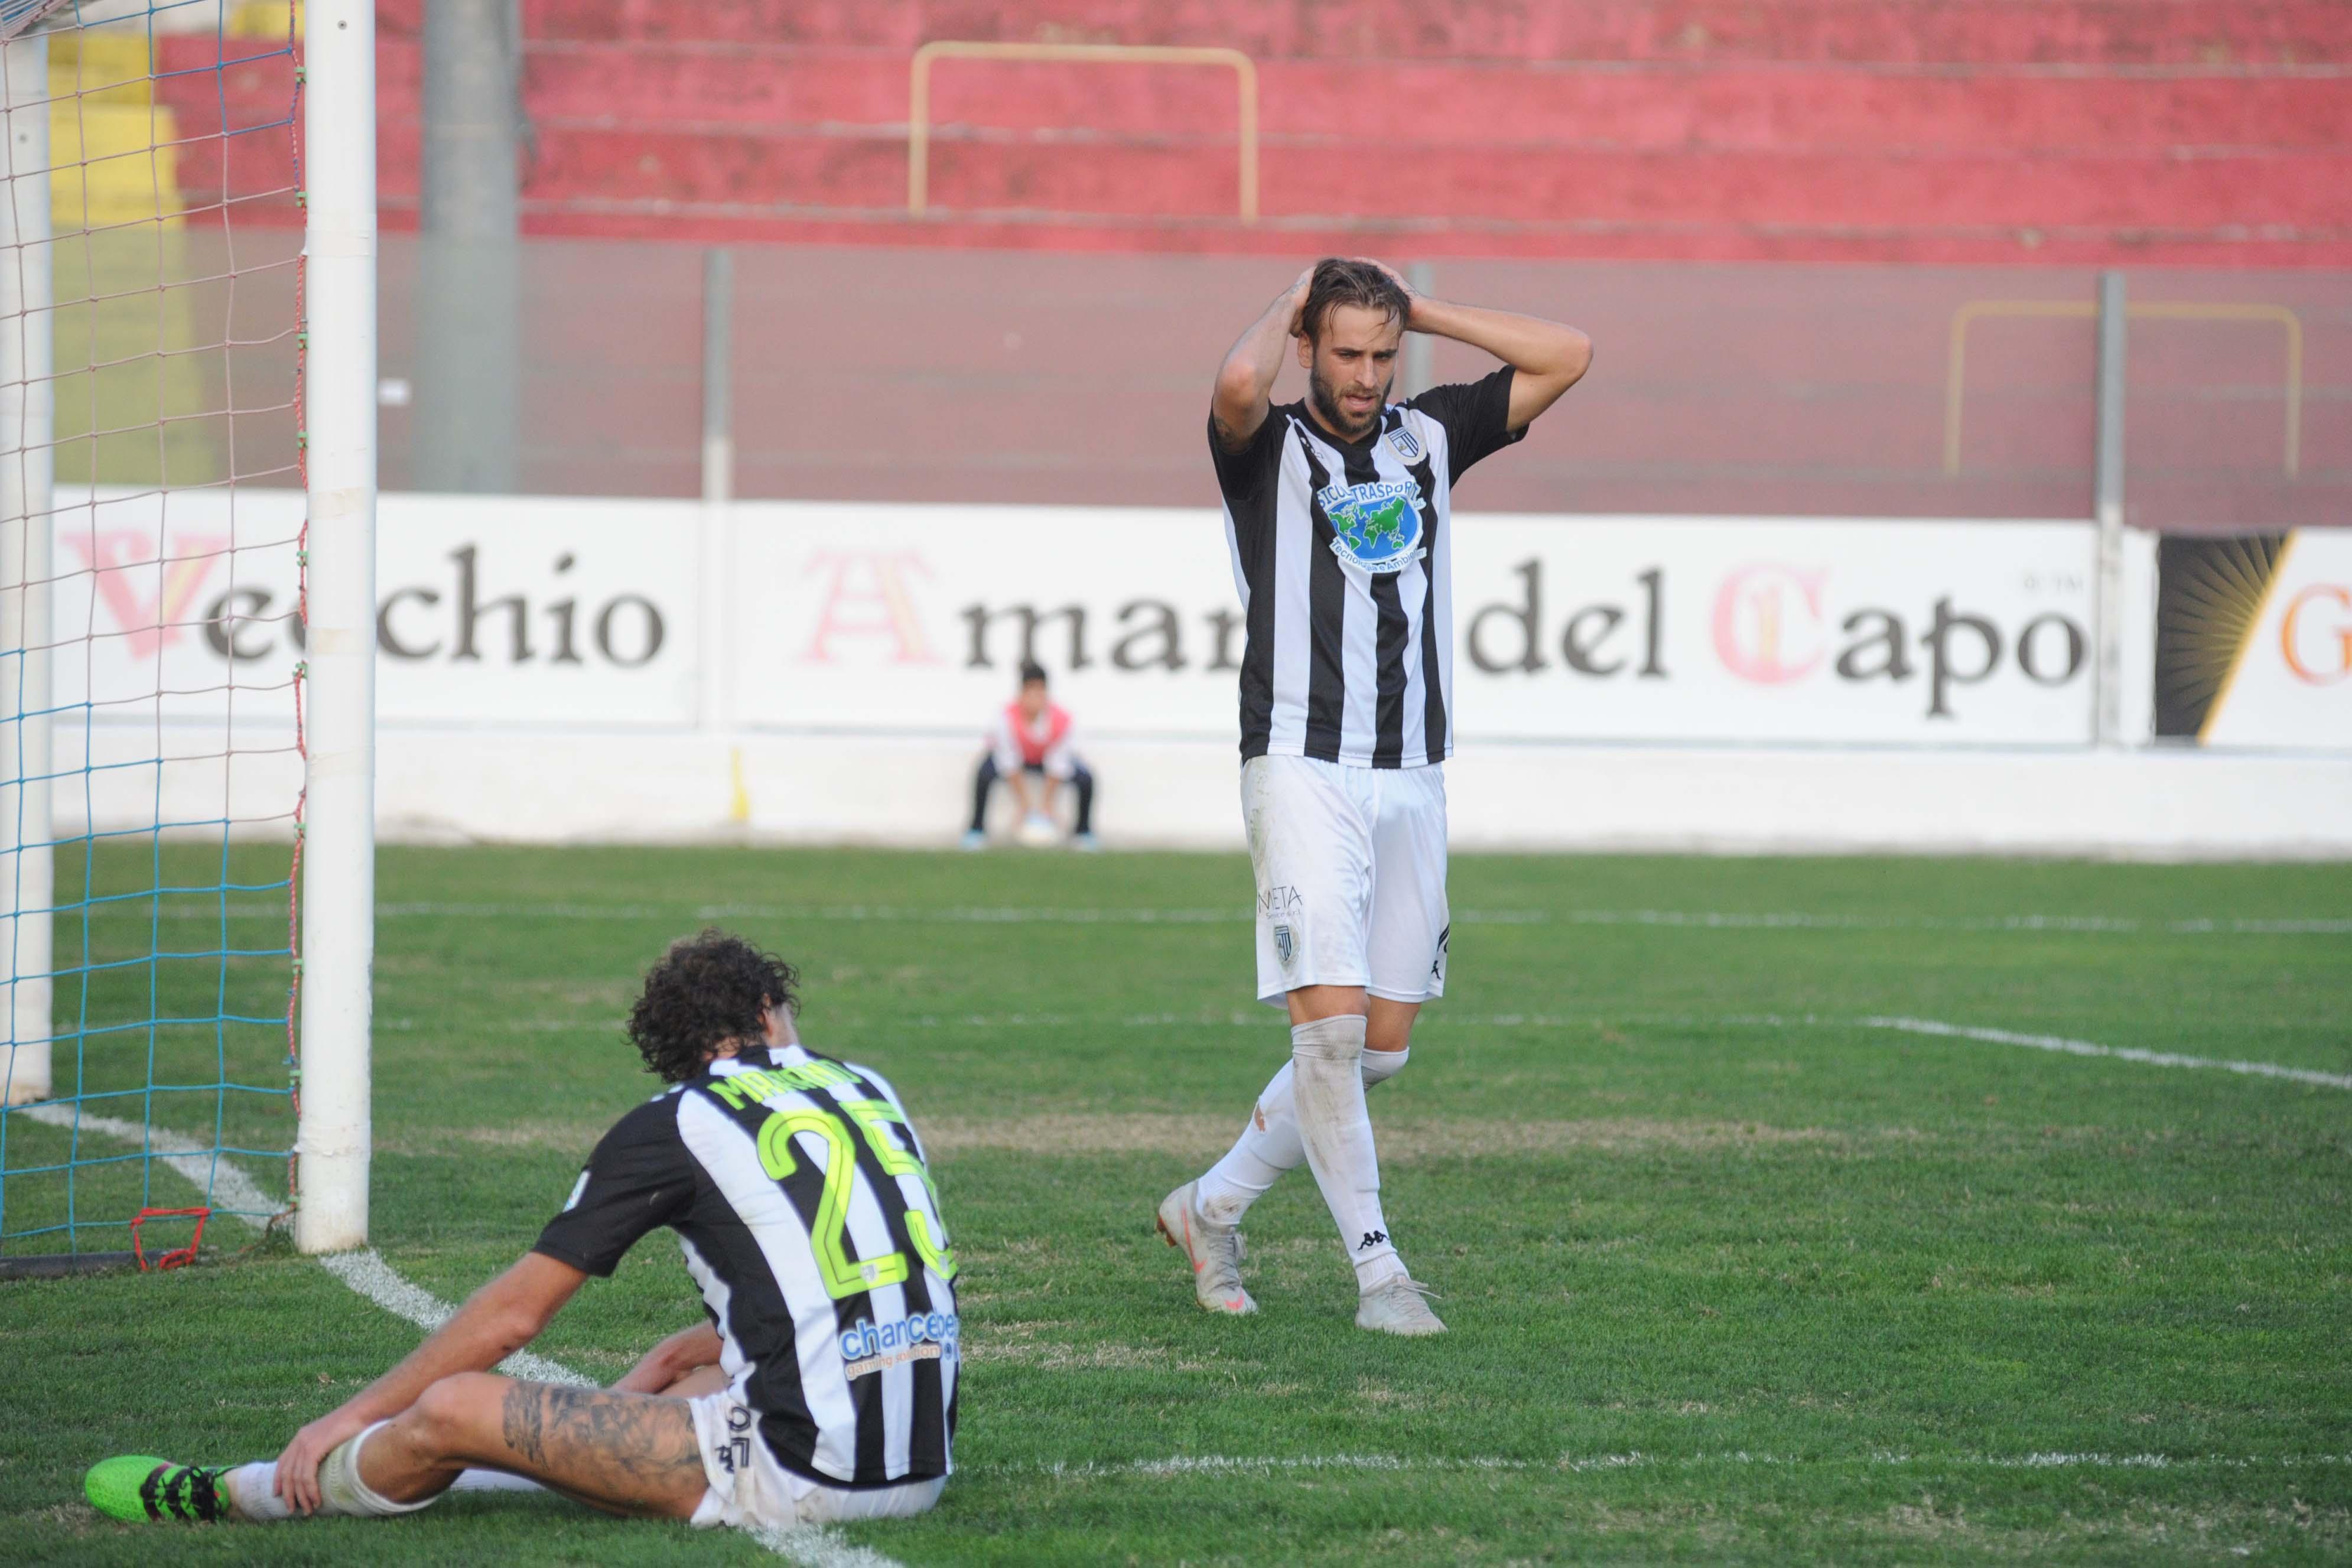 La Leonzio beffa la Casertana in trasferta: al 90' arriva il gol dell' 1 a 1